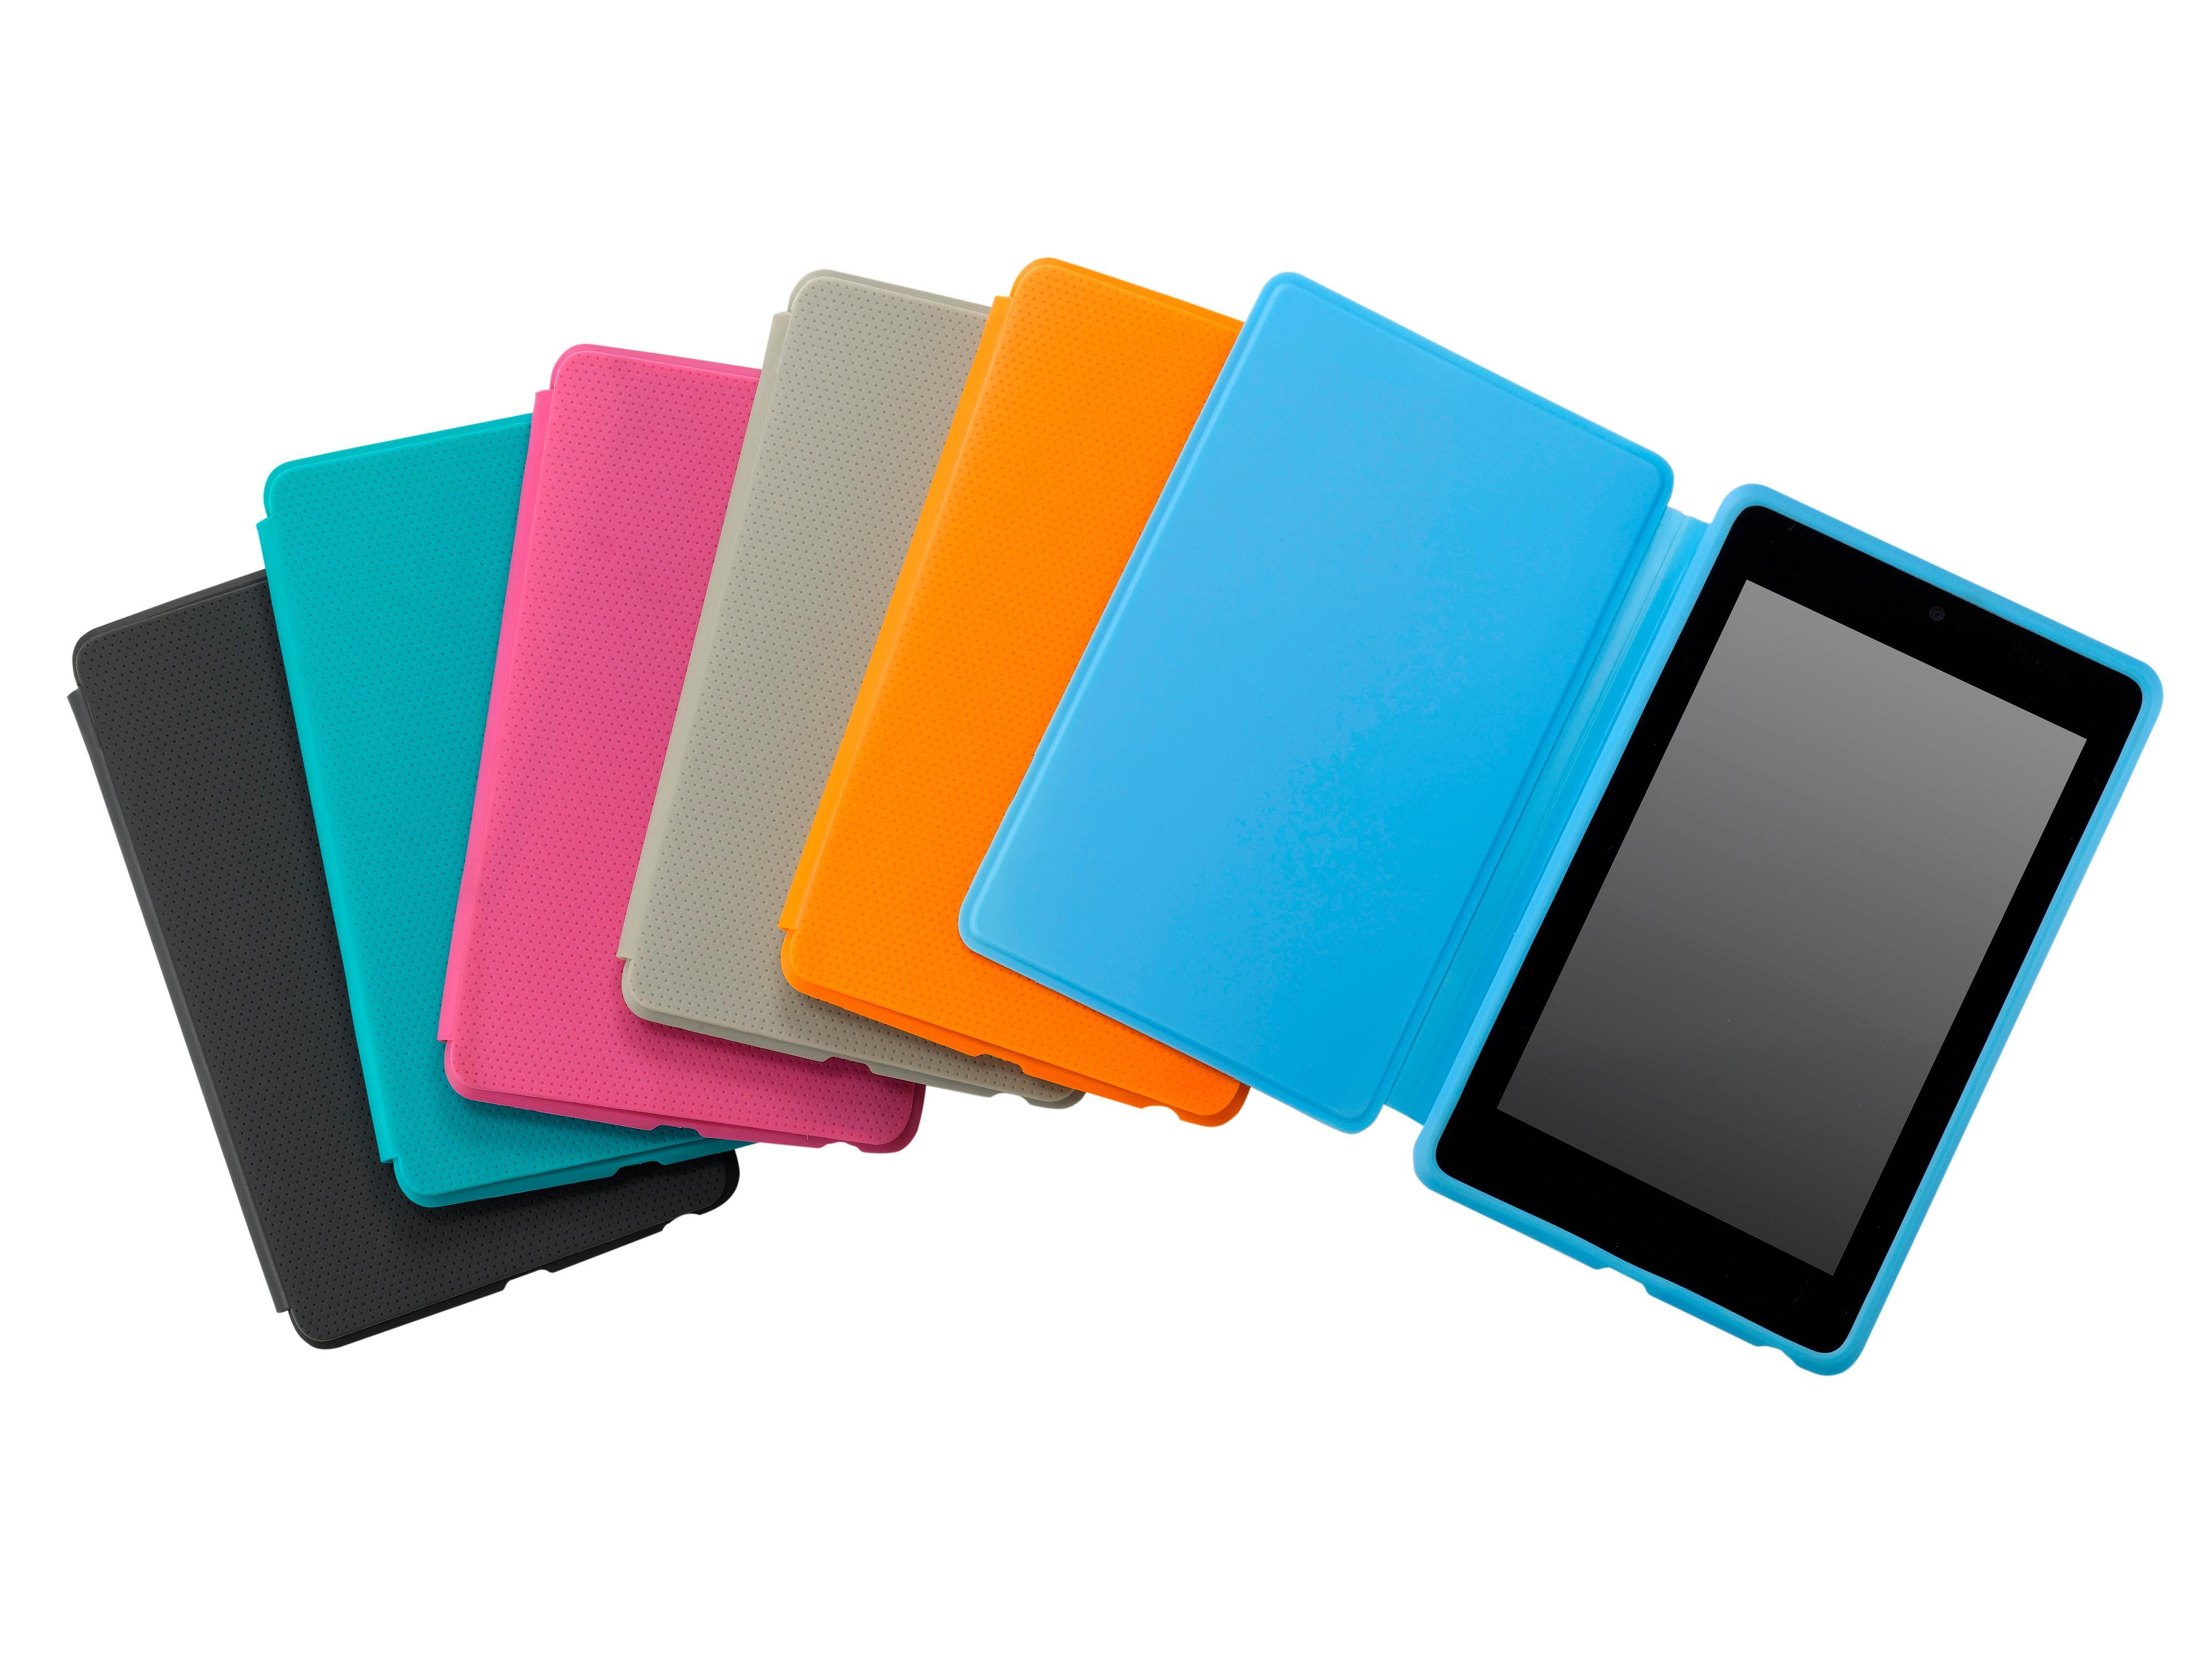 Du kan kjøpe deksler i en rekke farger til Google Nexus 7.Foto: Asus/Google